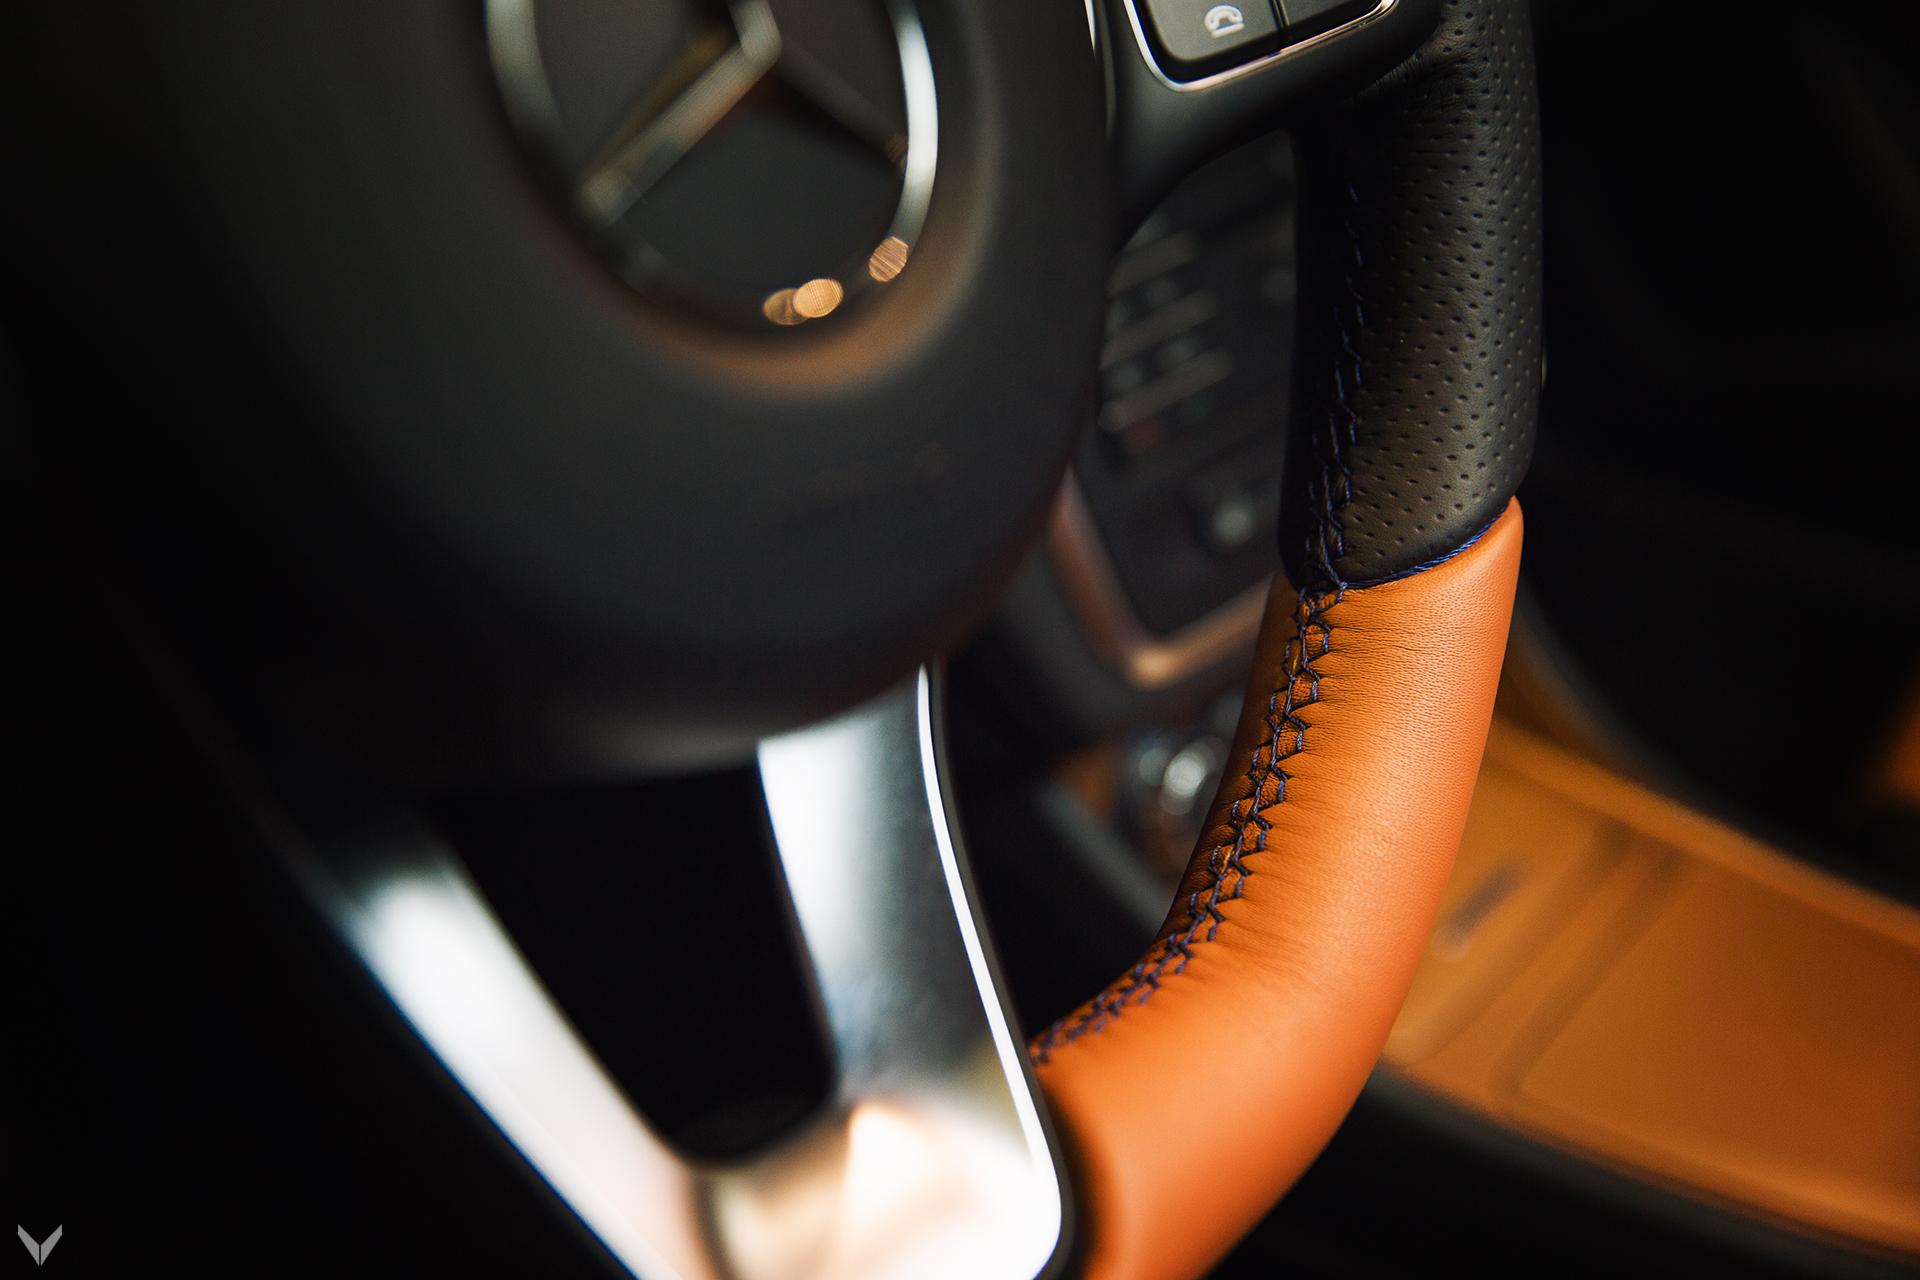 Владелец CLA 250 попросил команду инженеров и дизайнеров пересмотреть интерьер автомобиля таким образом, который, по их мнению, является наиболее подходящим автомобилю. Звучит неплохо, правда? Но кое-что сделало проект довольно сложным: владелец имел